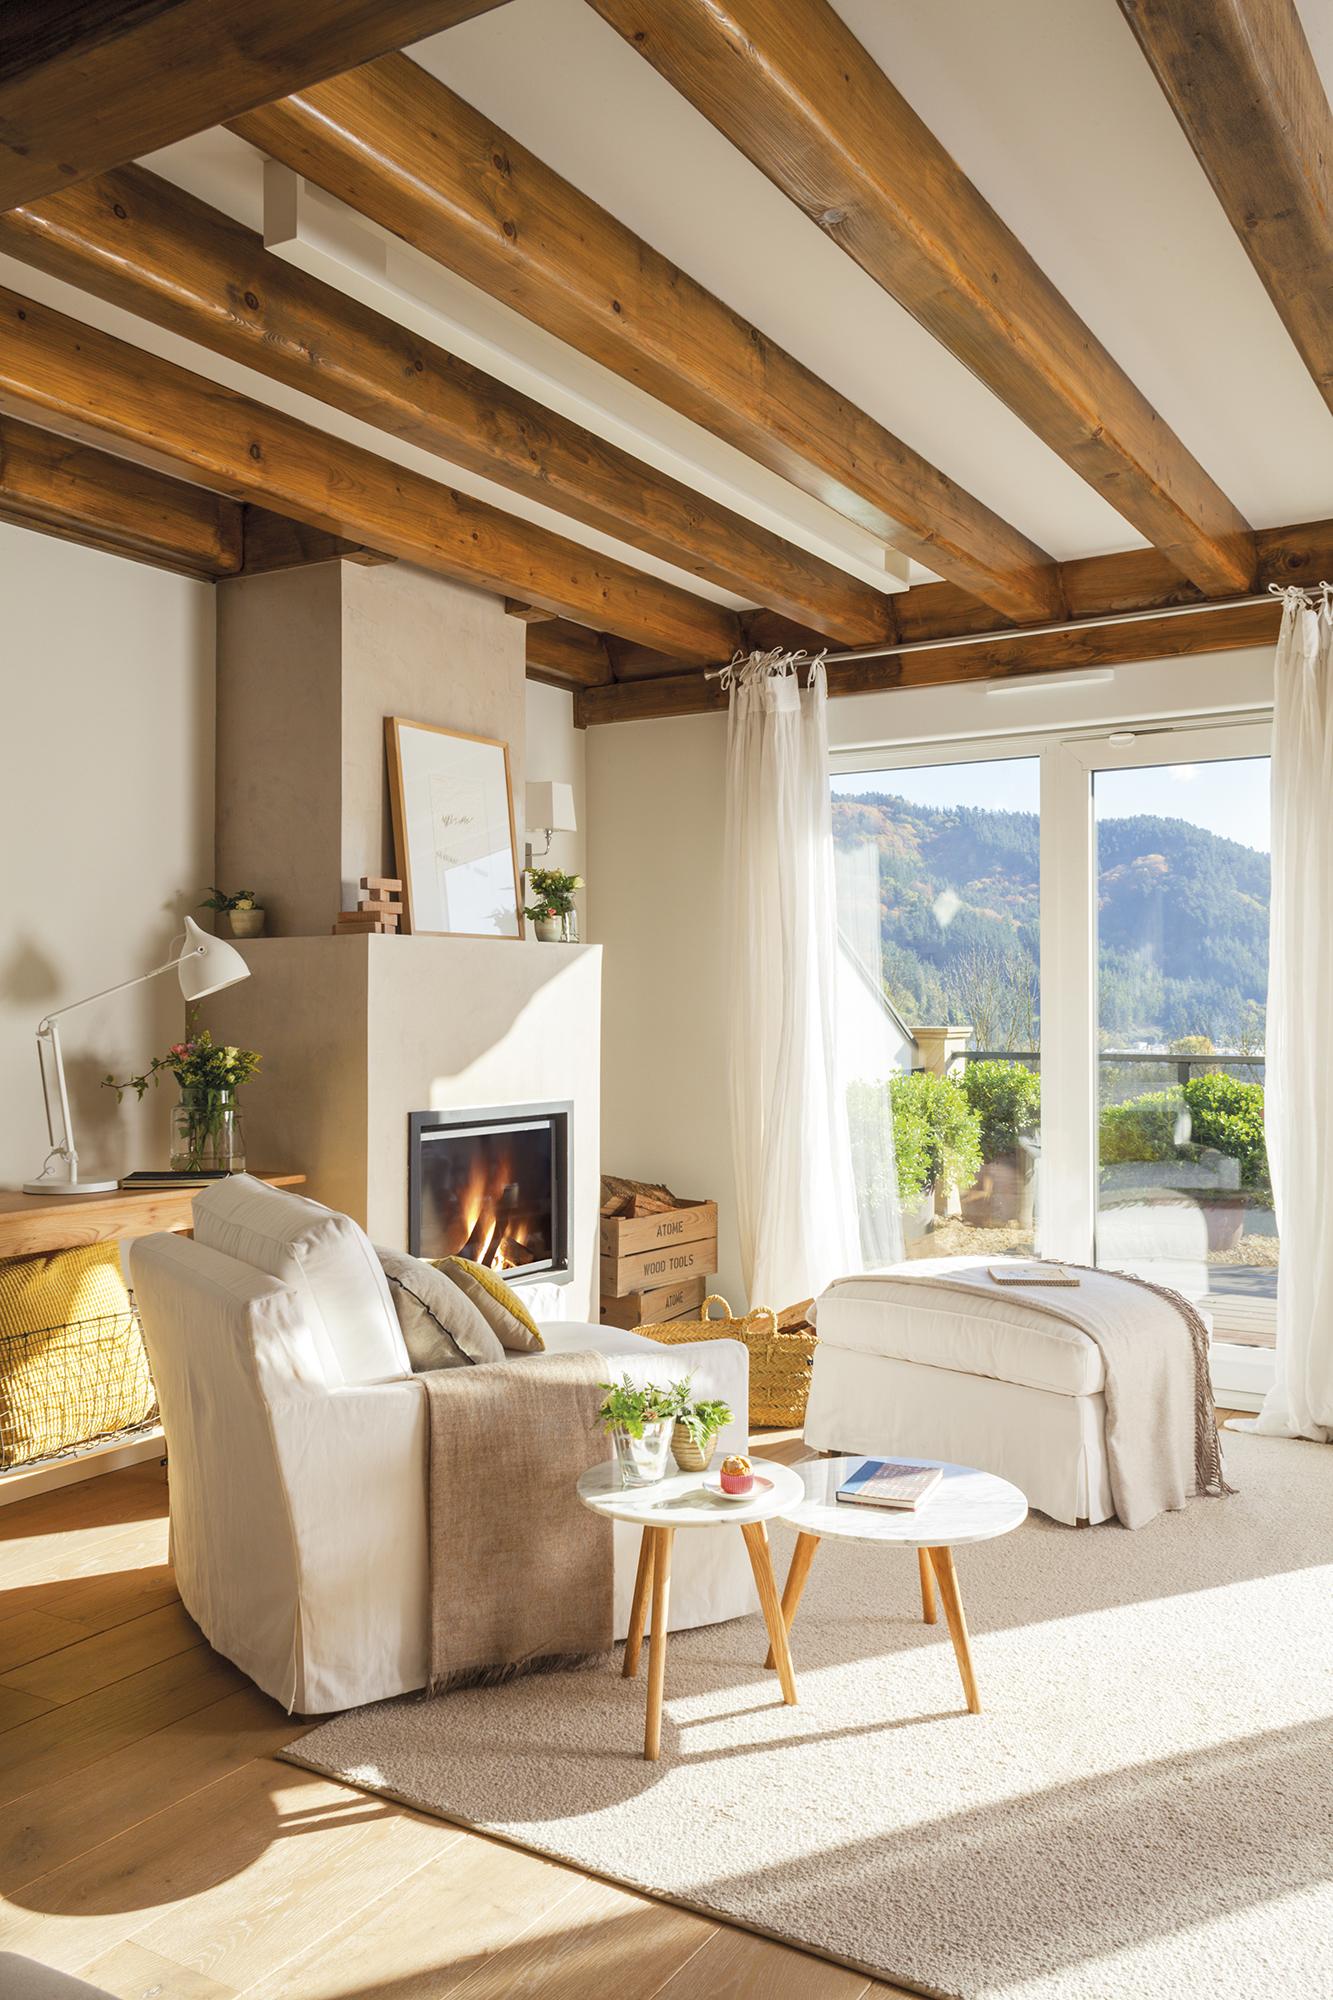 Una Casa A Medida De Sus Pasiones # Muebles Suspendidos Salon